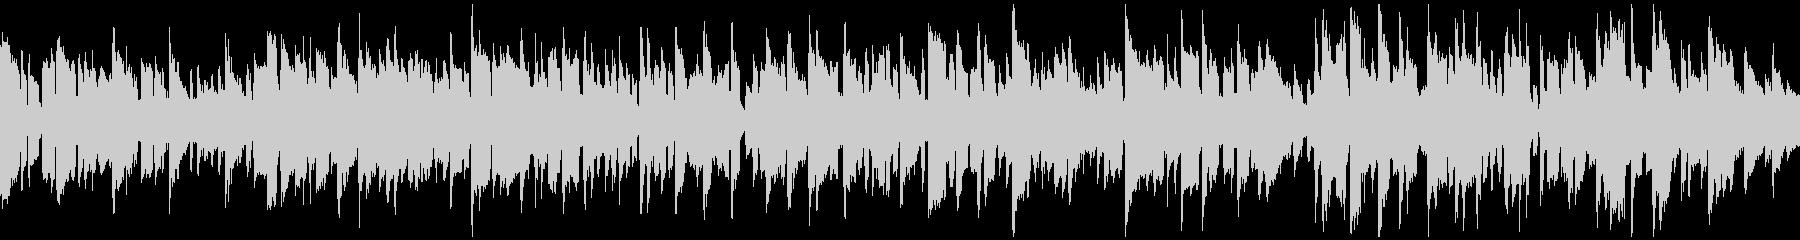 切ないリコーダーのボサノバ ※ループ版の未再生の波形